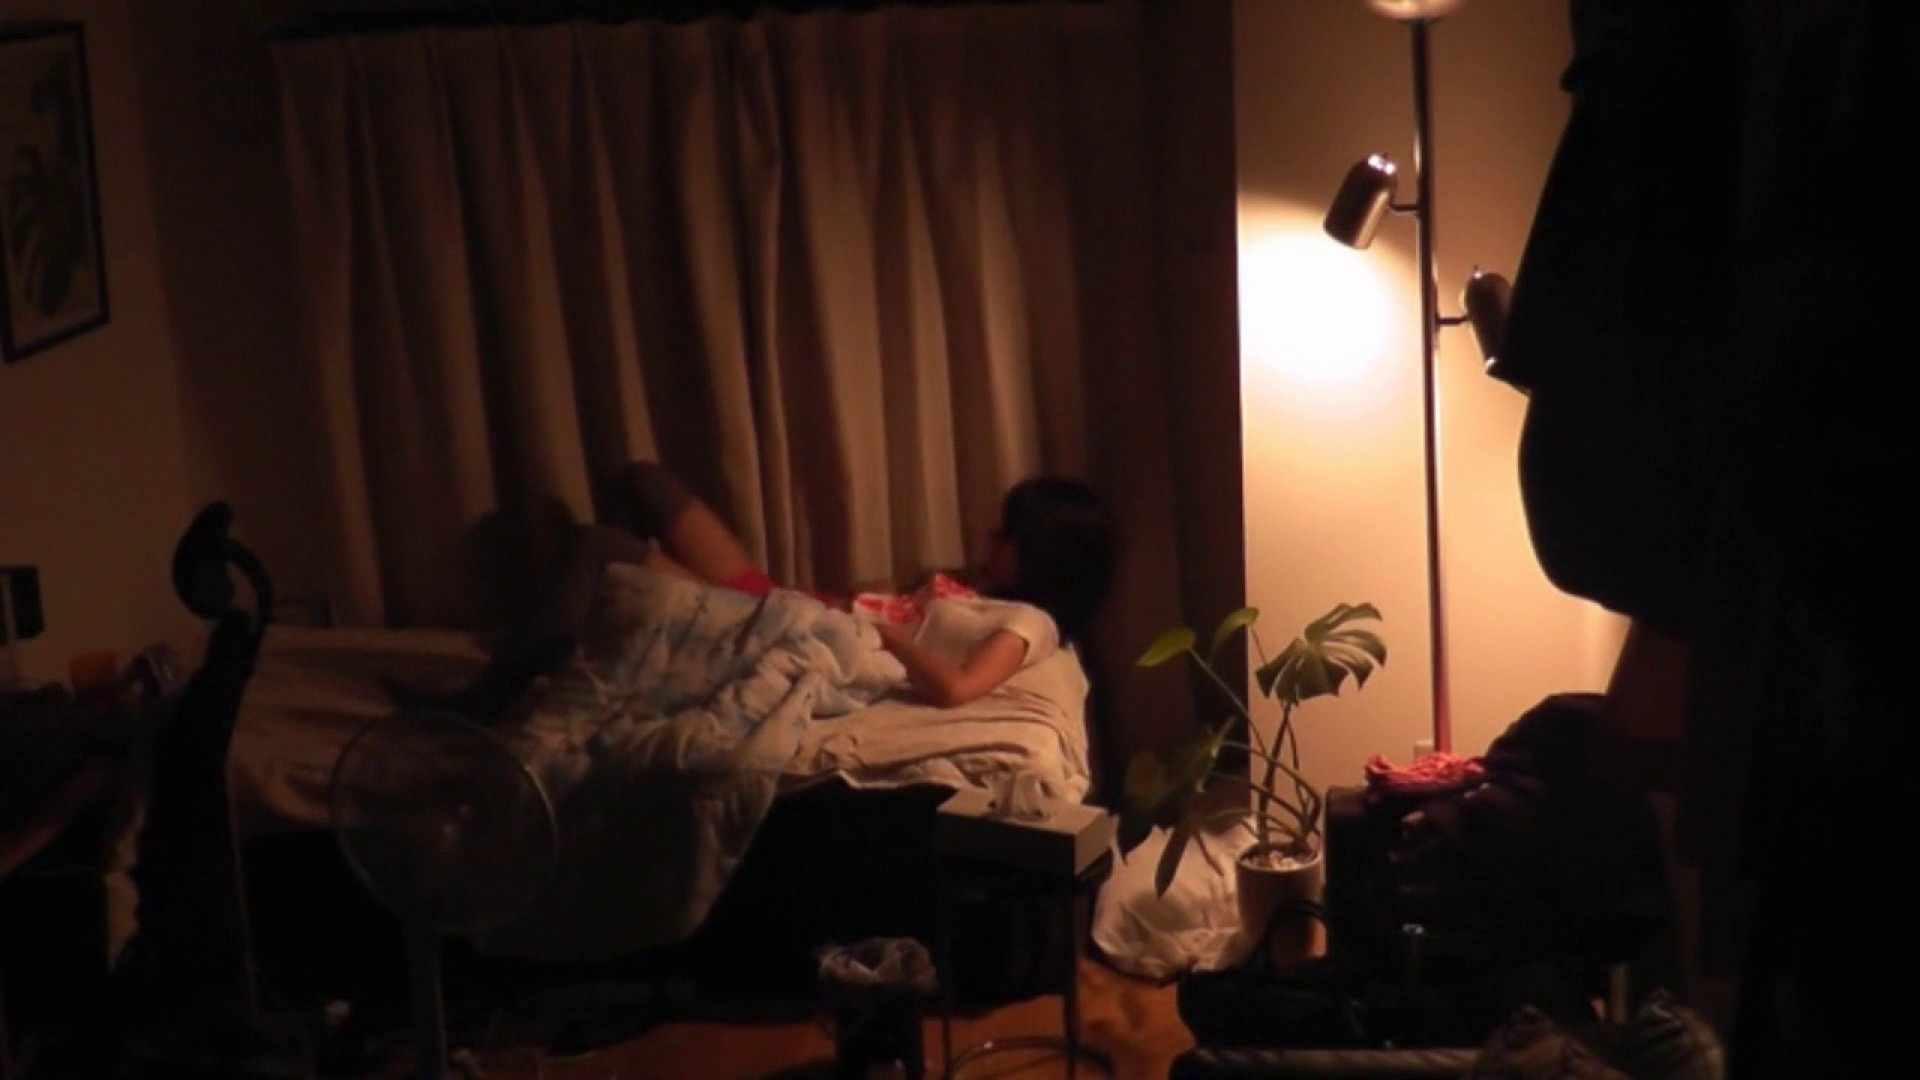 美女だらけのプライベートSEXvol.1 OLの裸事情 オマンコ無修正動画無料 107枚 107